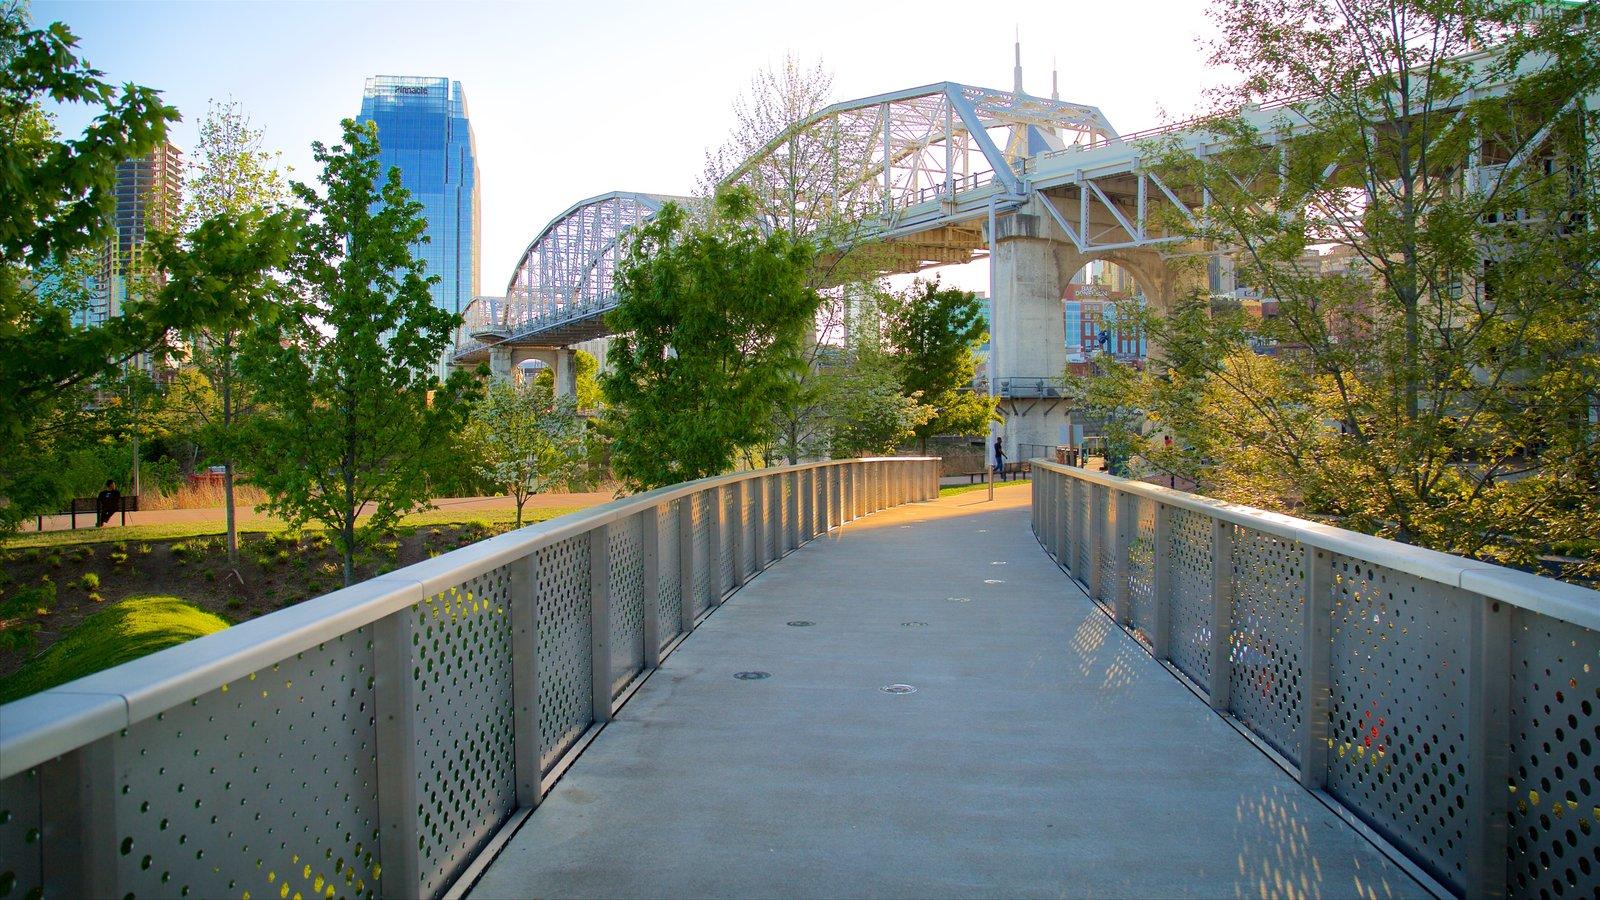 Cumberland Park mostrando un parque y un puente